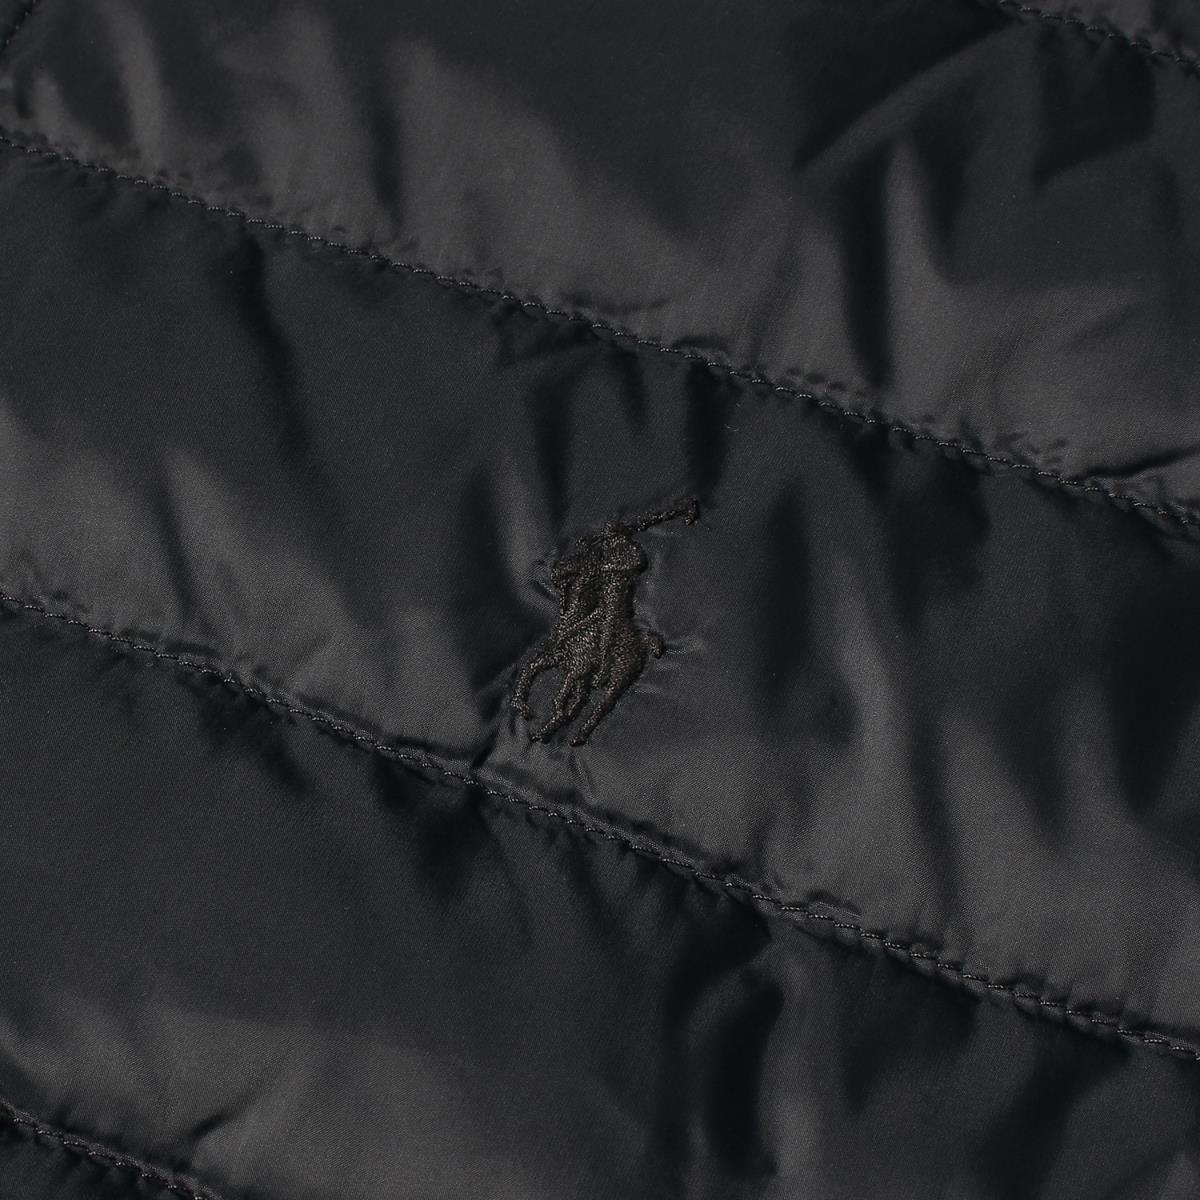 POLO by Ralph Lauren ポロ バイ ラルフローレン ジャケット 裏地チェック 柄 ライナー ダウンジャケット ブラック Lメンズ美品K2469あす楽 対応可rxsQdhtC